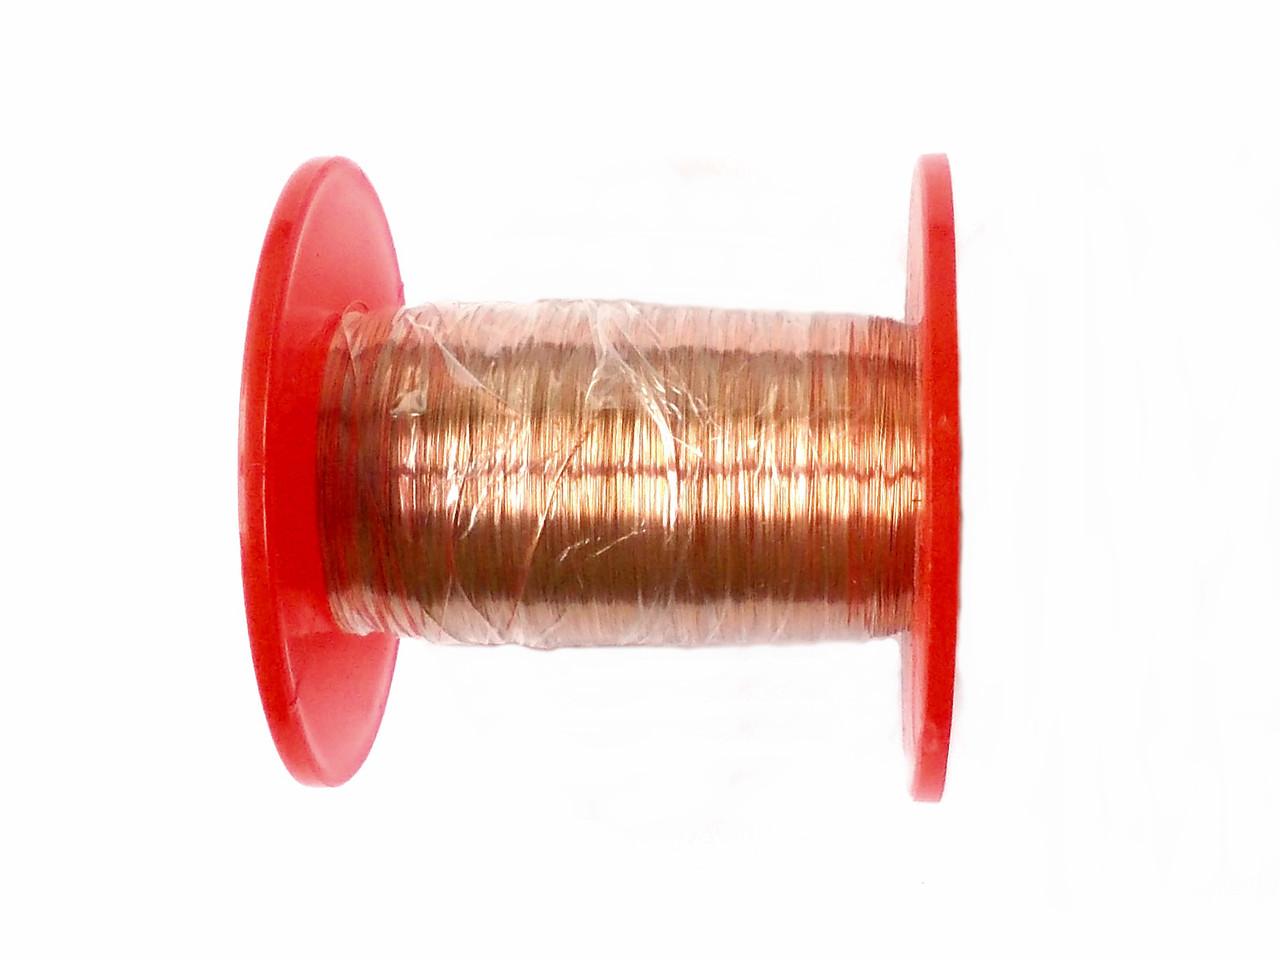 Провод обмоточной диаметром 0,13 мм на катушке 0.1 кг